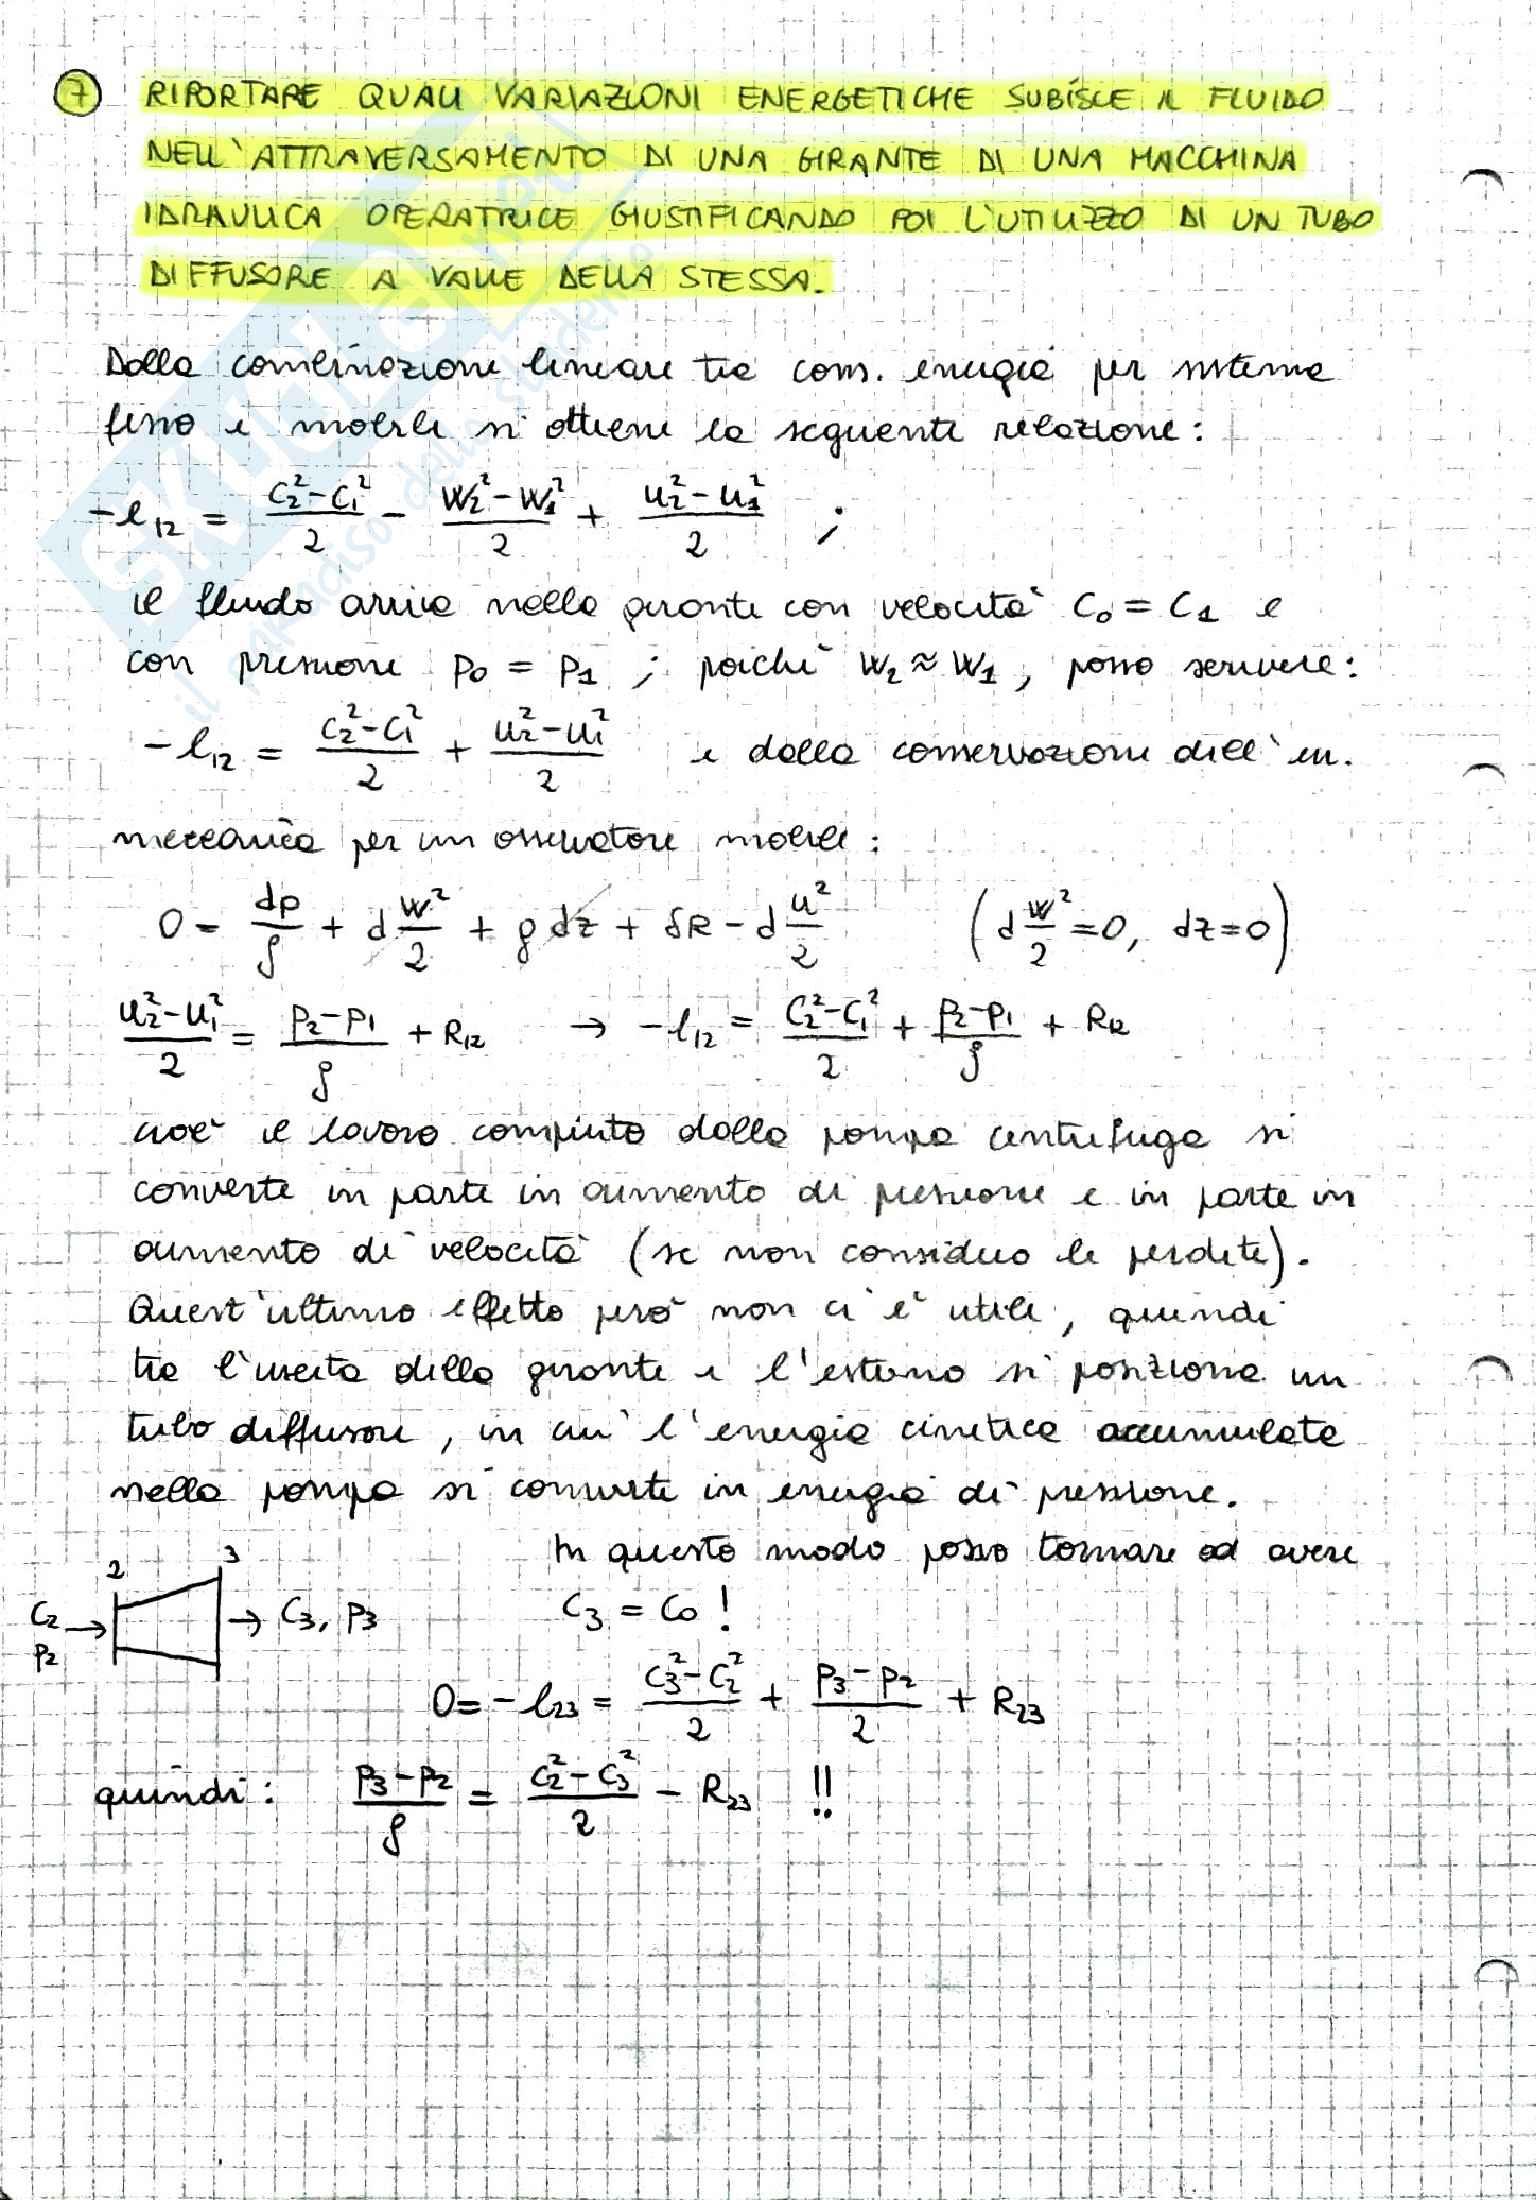 Riassunto Macchine e Sistemi Energetici, prof. Caresana Pag. 6